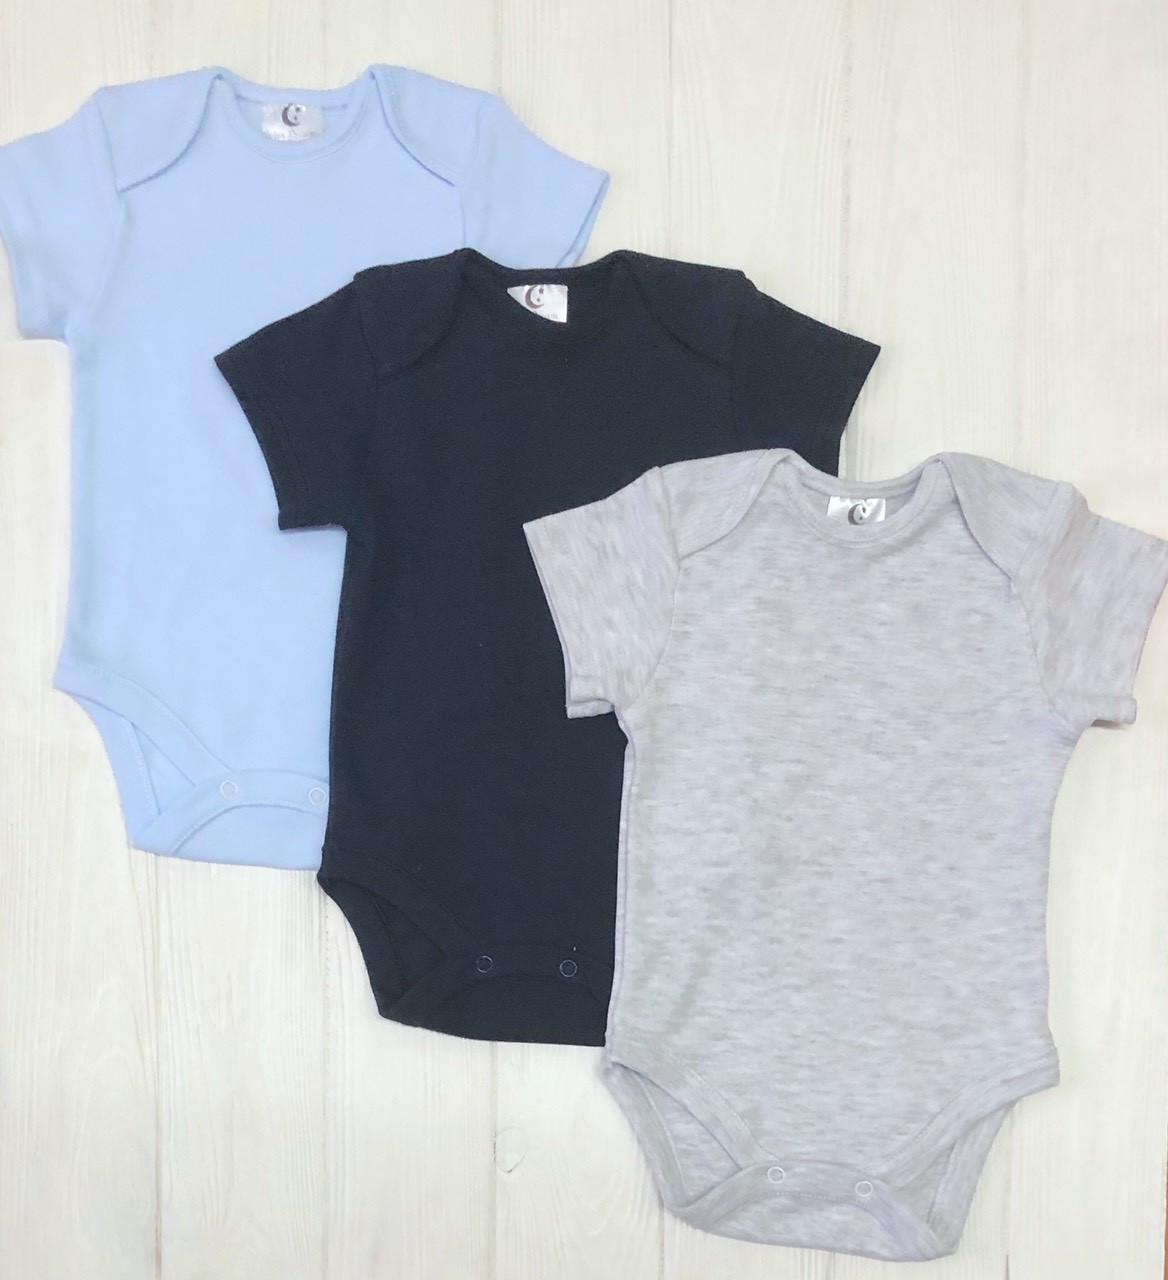 Комплект из трех бодиков  с коротким рукавом для младенца  Меланж+голубой+т.синий